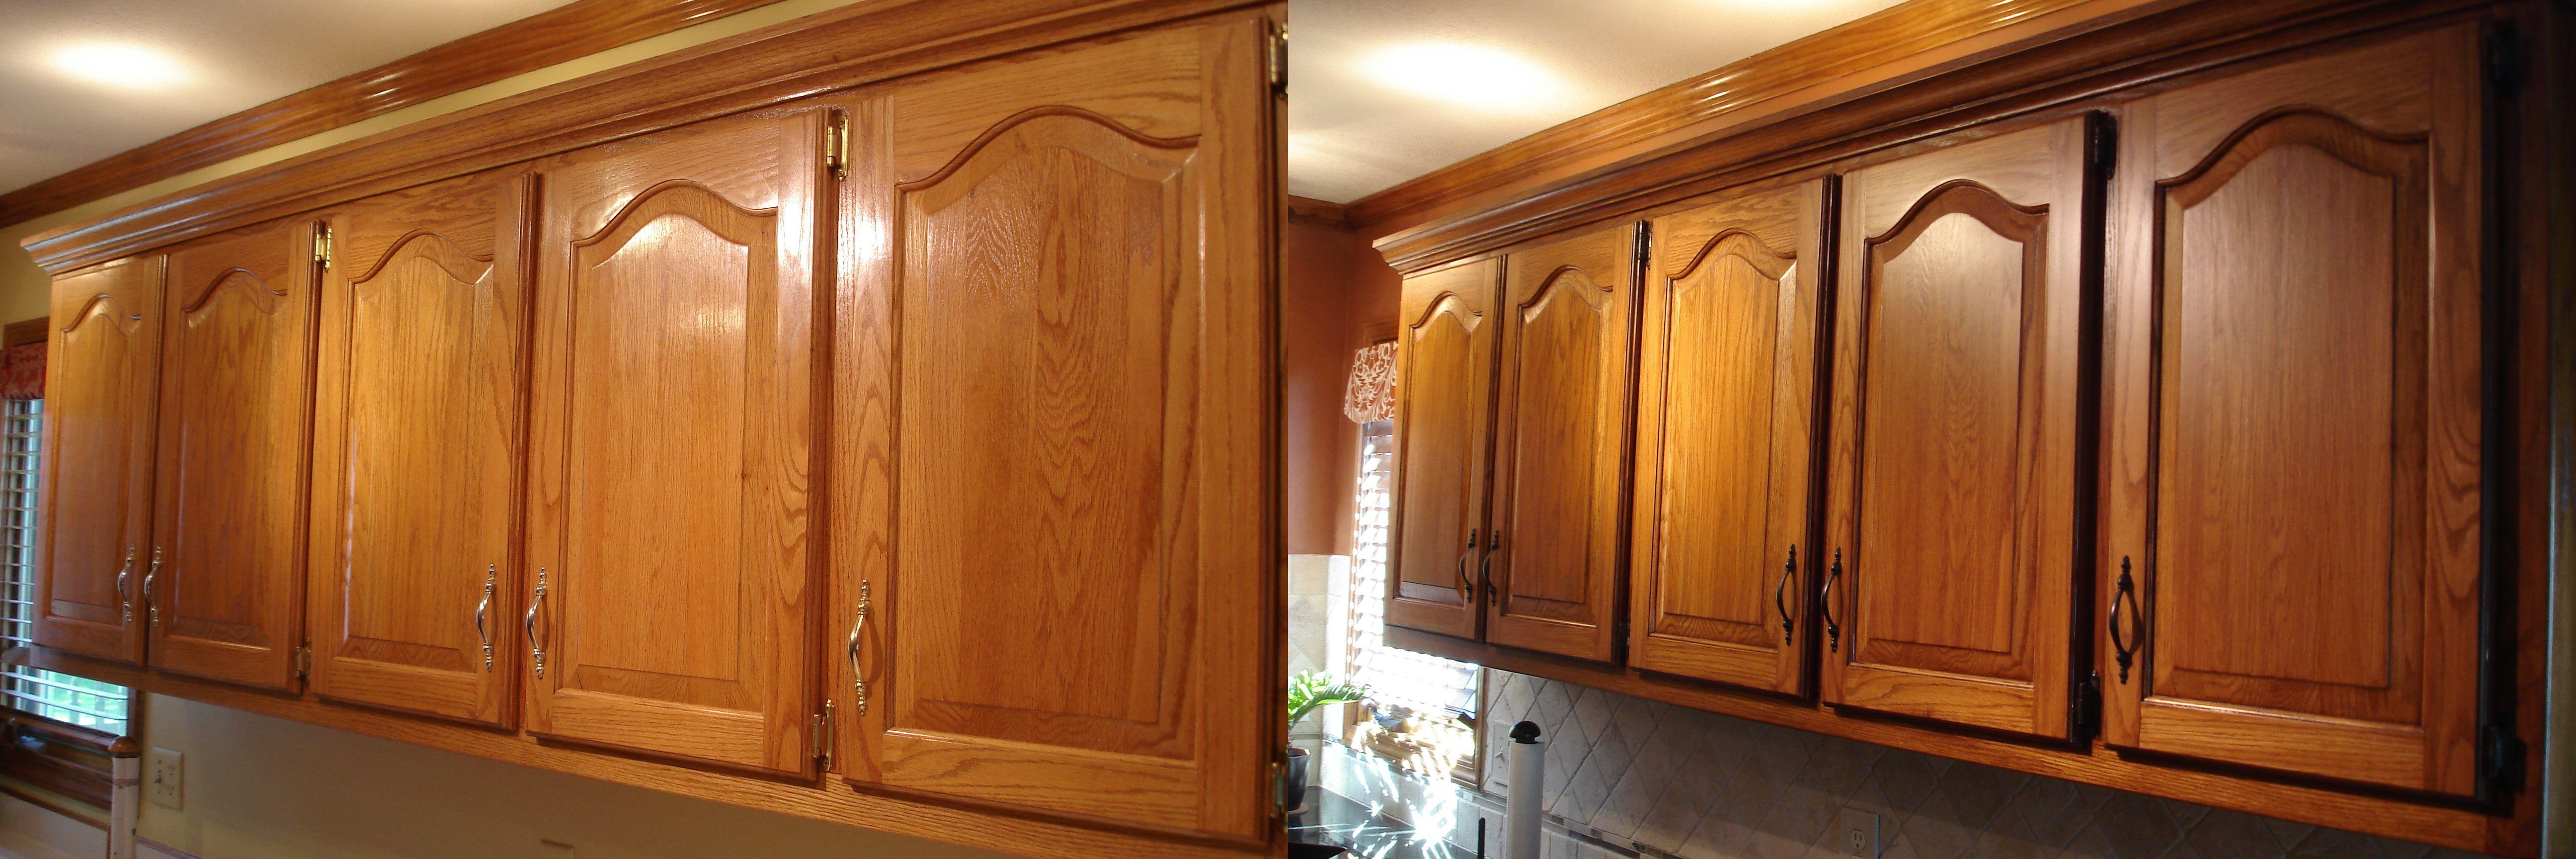 Golden Oak Kitchen Cabinets Oak Cabinets Oak Kitchen Cabinets Oak Kitchen